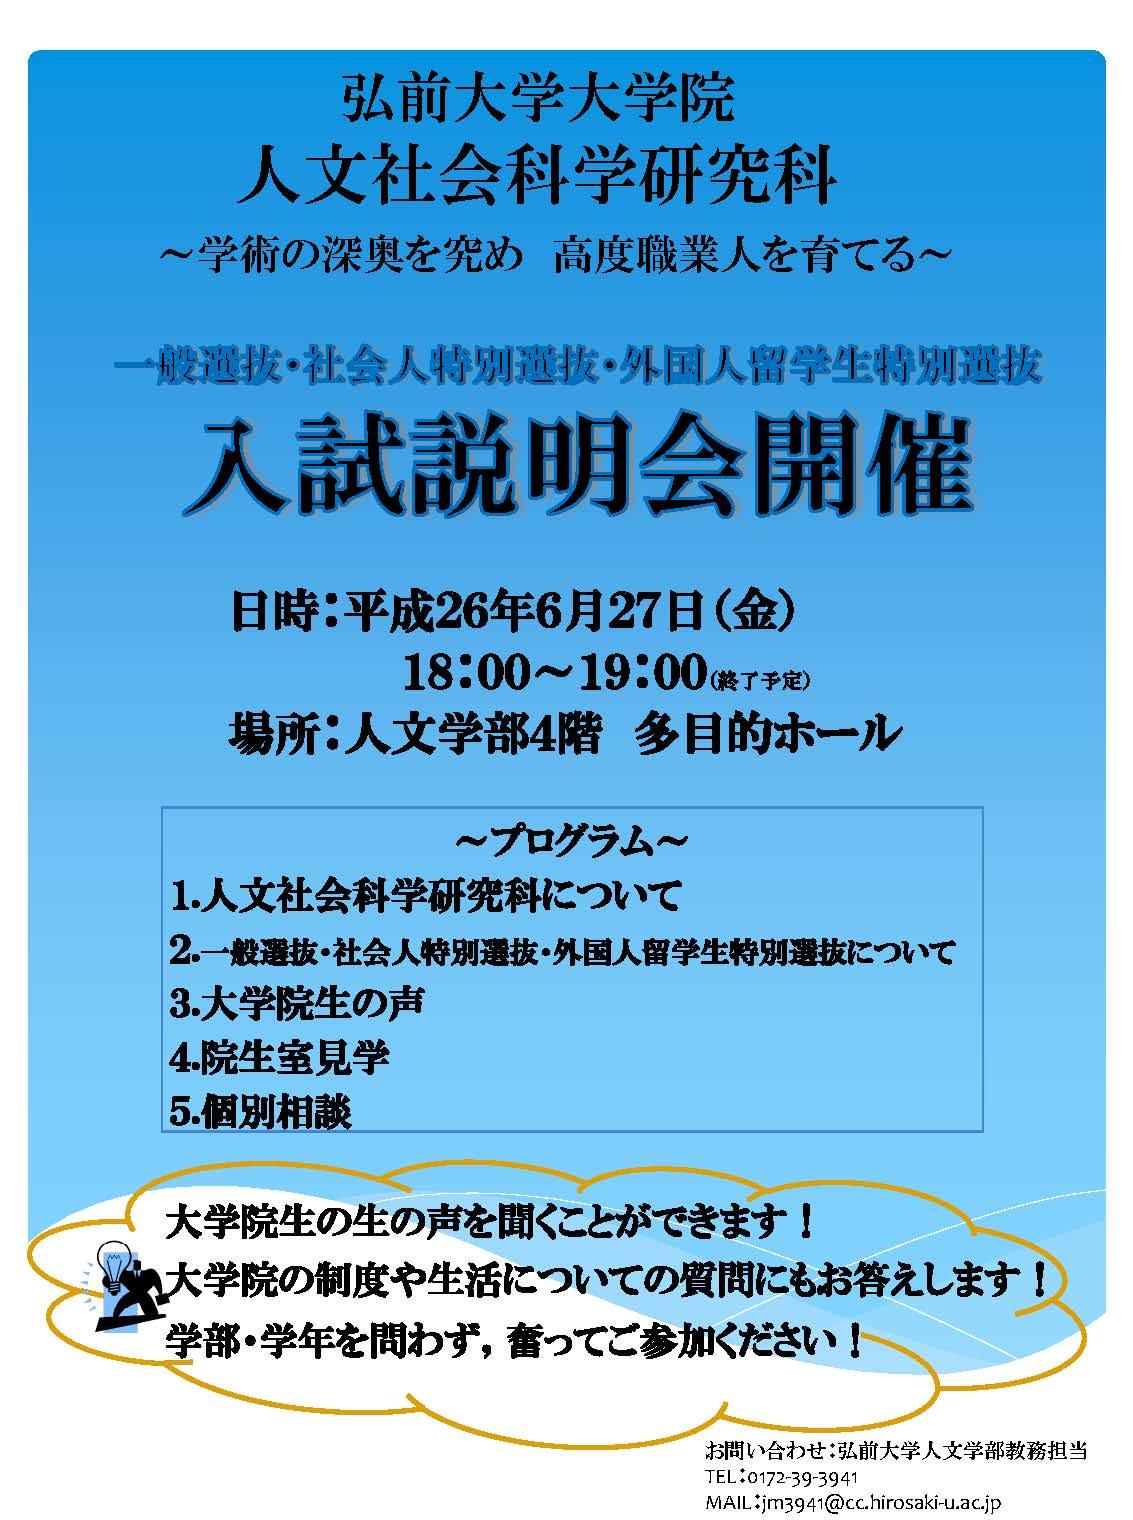 秋季入学・第1期入試説明会ポスター(平成26年度)